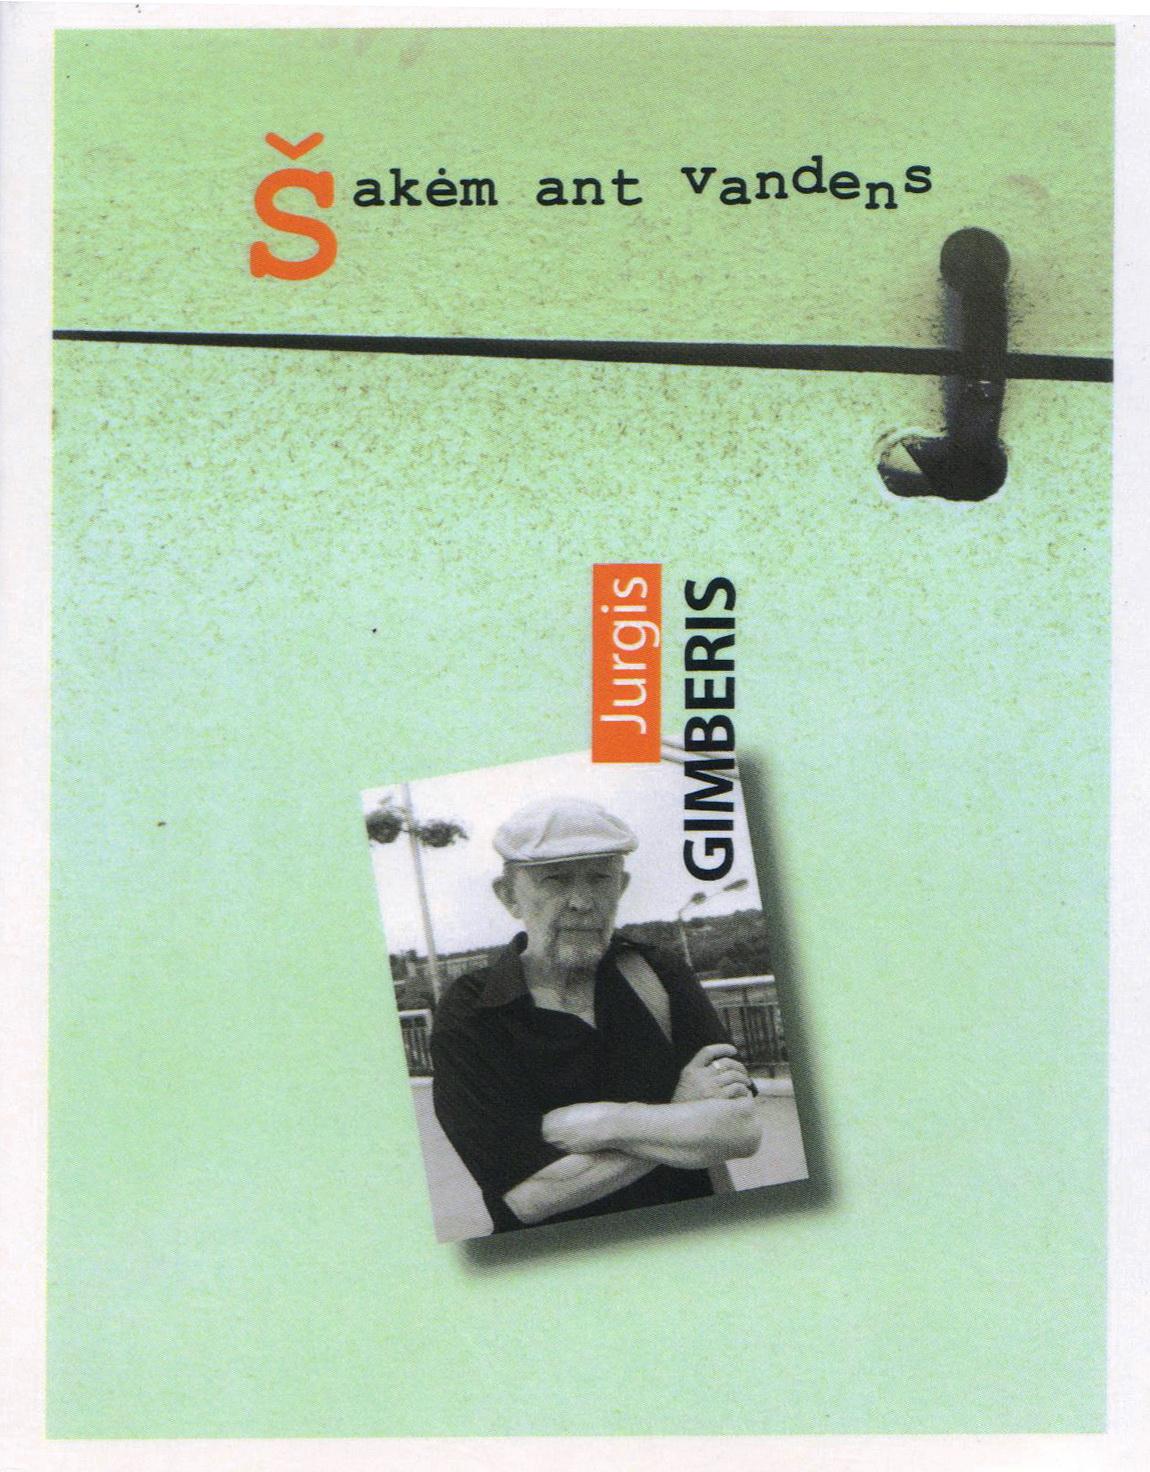 """Jurgis Gimberis. """"Šakėm ant vandens"""" (Kaunas: Kauko laiptai, 2020)"""